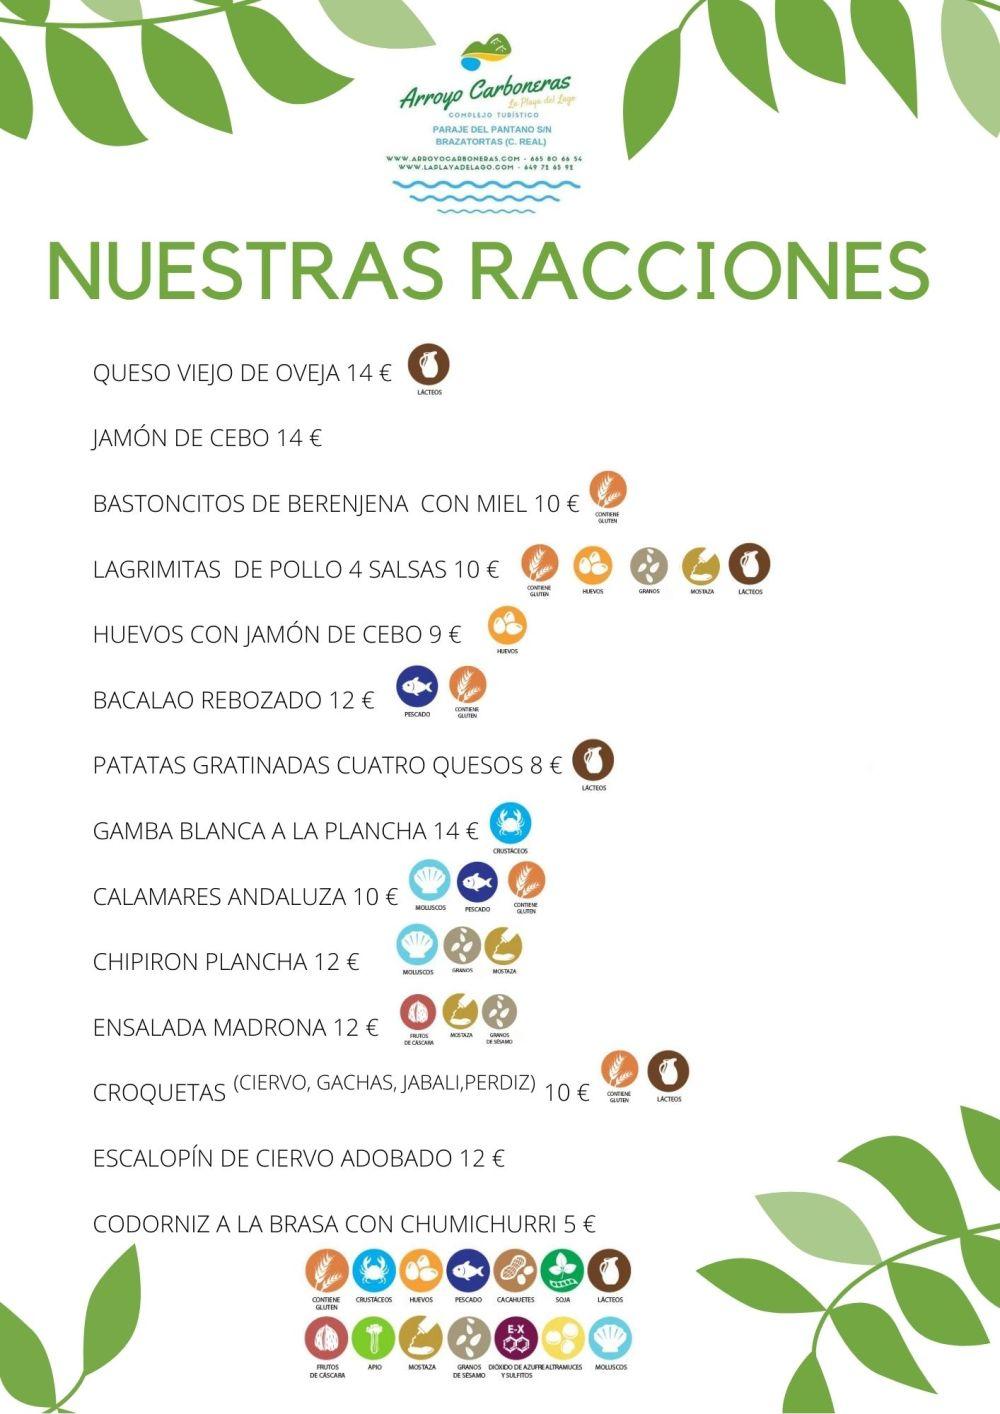 NUESTRAS RACCIONES (7)